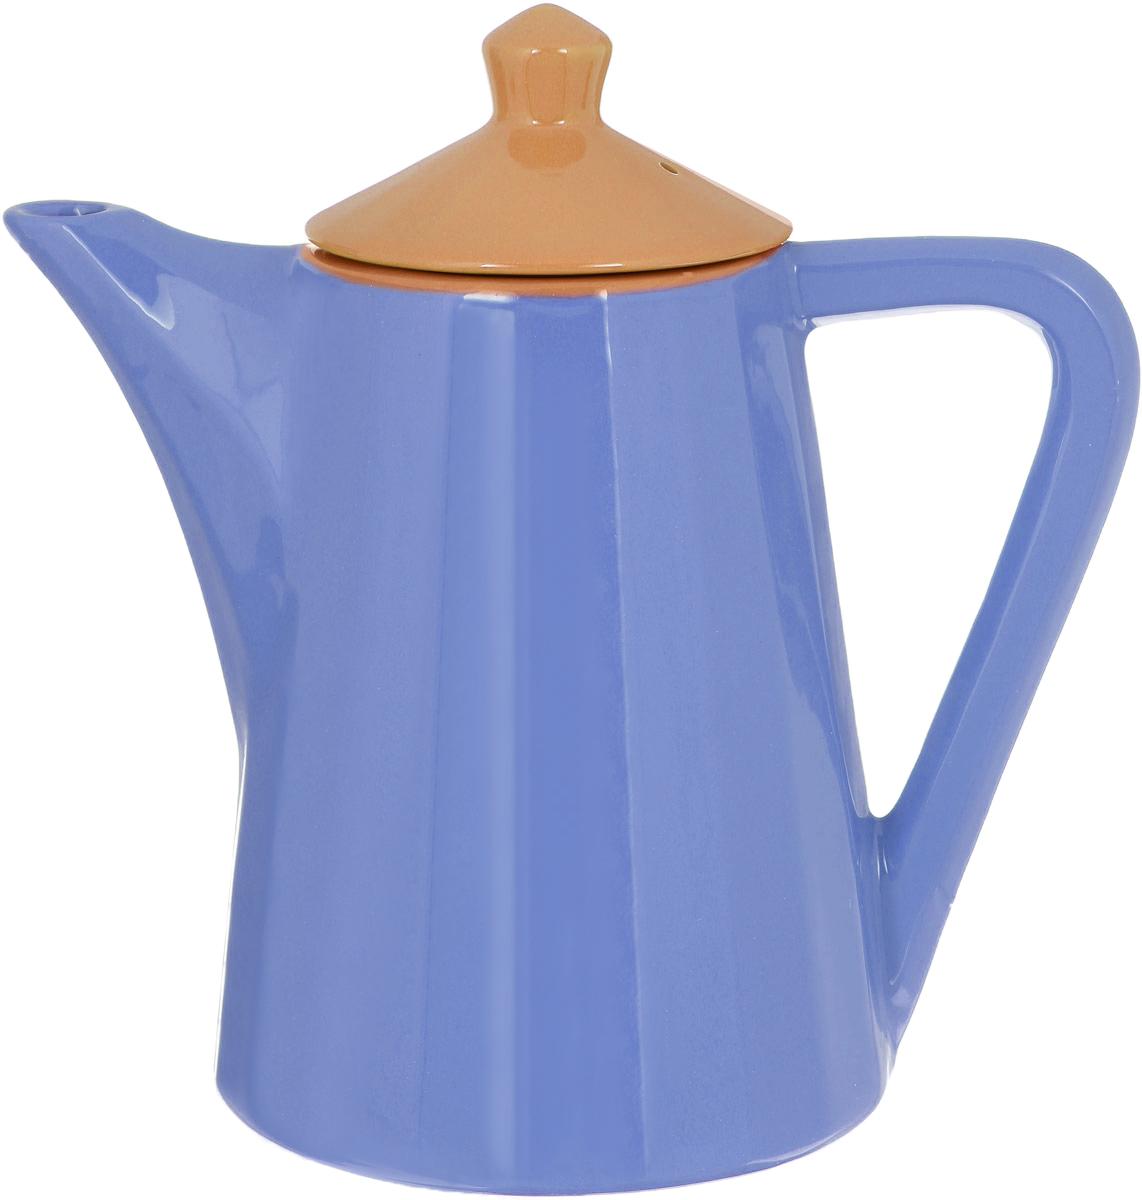 Чайник заварочный Борисовская керамика Ностальгия, цвет: голубой, желтый, 800 мл чайник заварочный walmer alba цвет серый металлик 800 мл